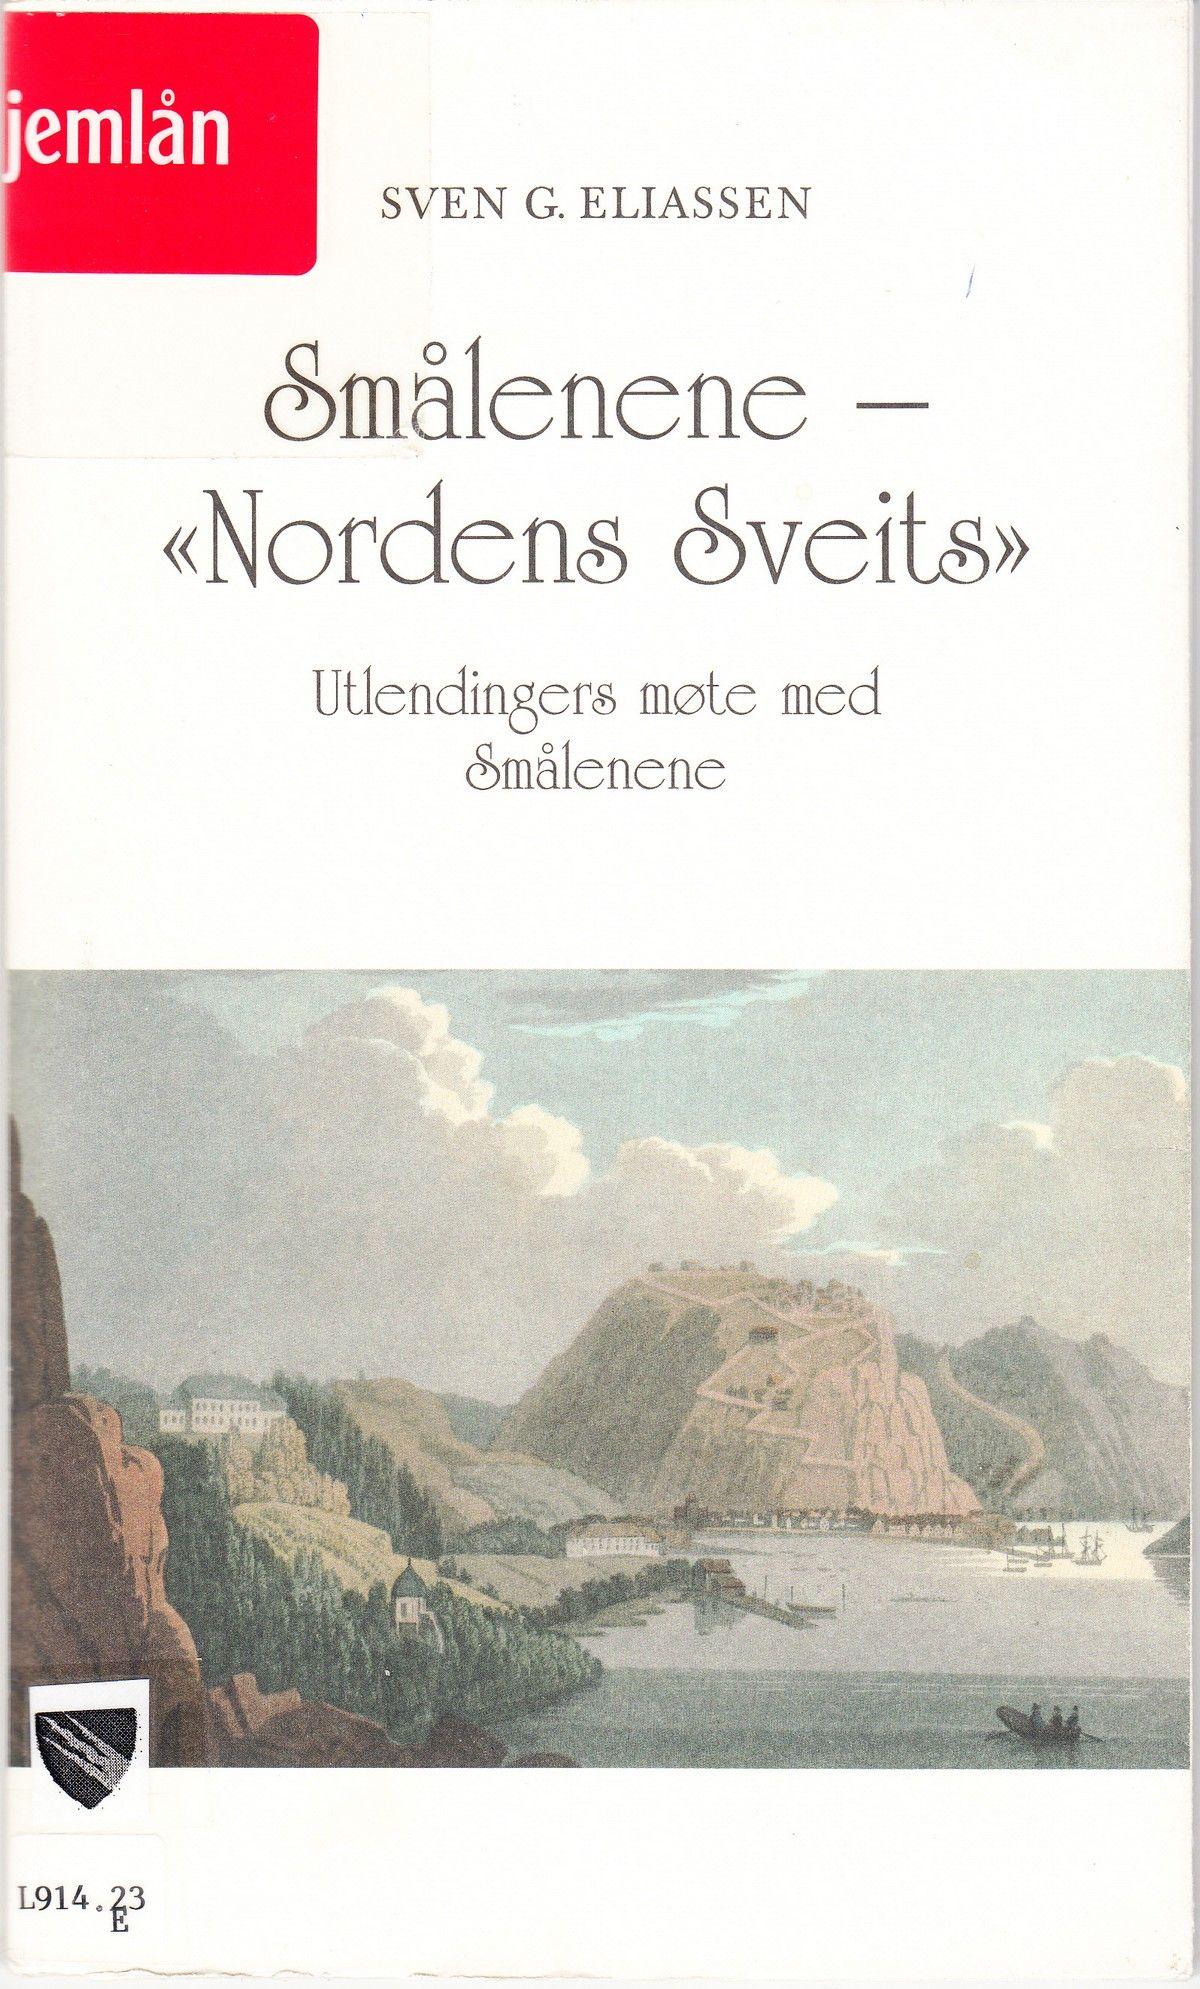 """""""Smålenene - """"Nordens Sveits"""" - Utlendingers møte med Smålenene"""" av Sven G Eliassen"""